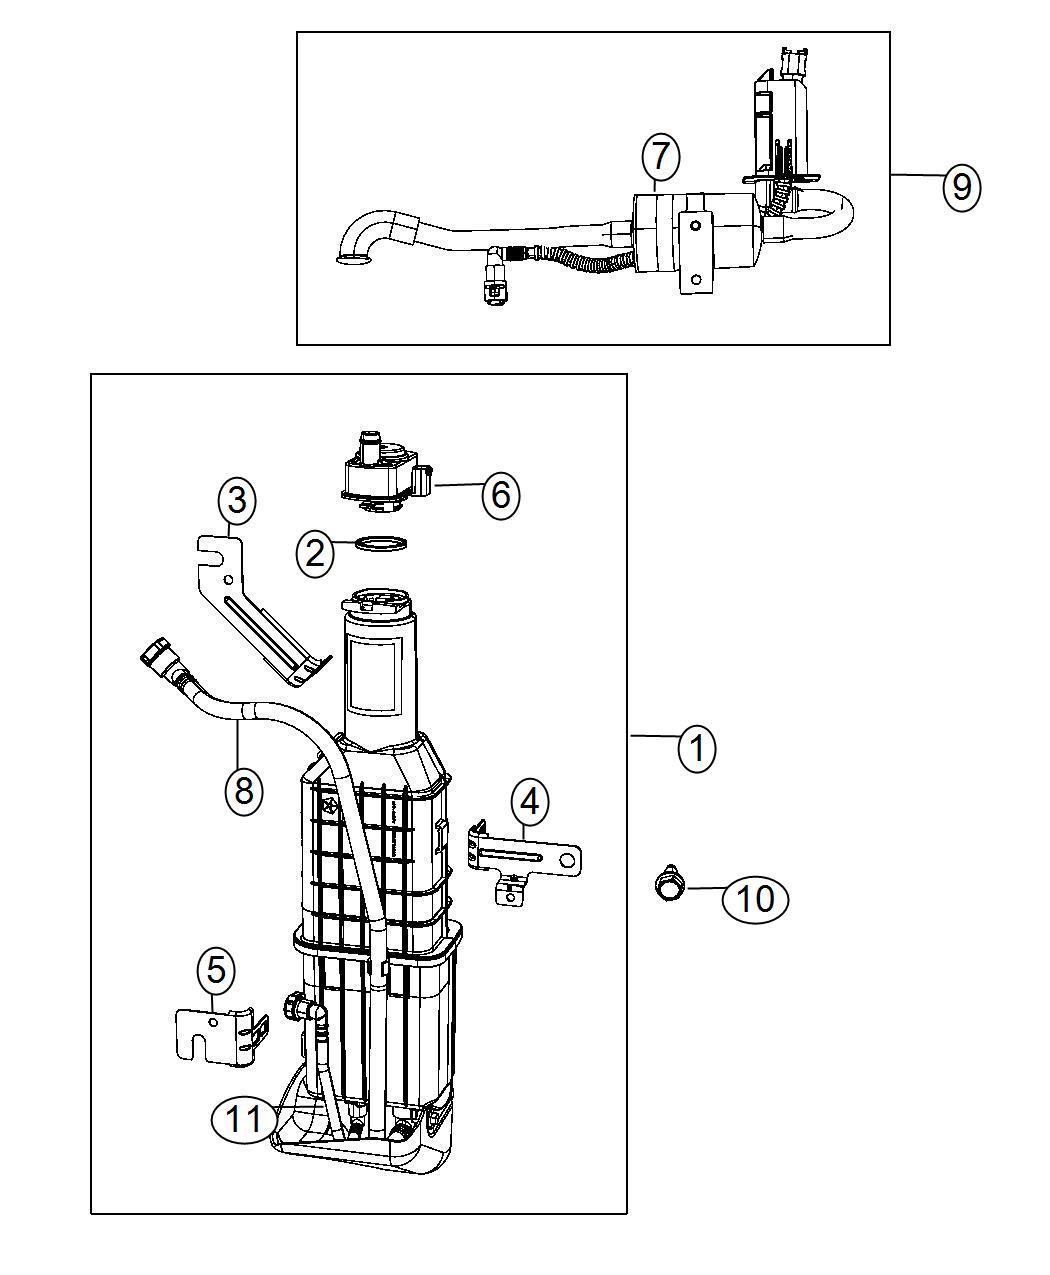 08 chrysler sebring belt diagram 2 4